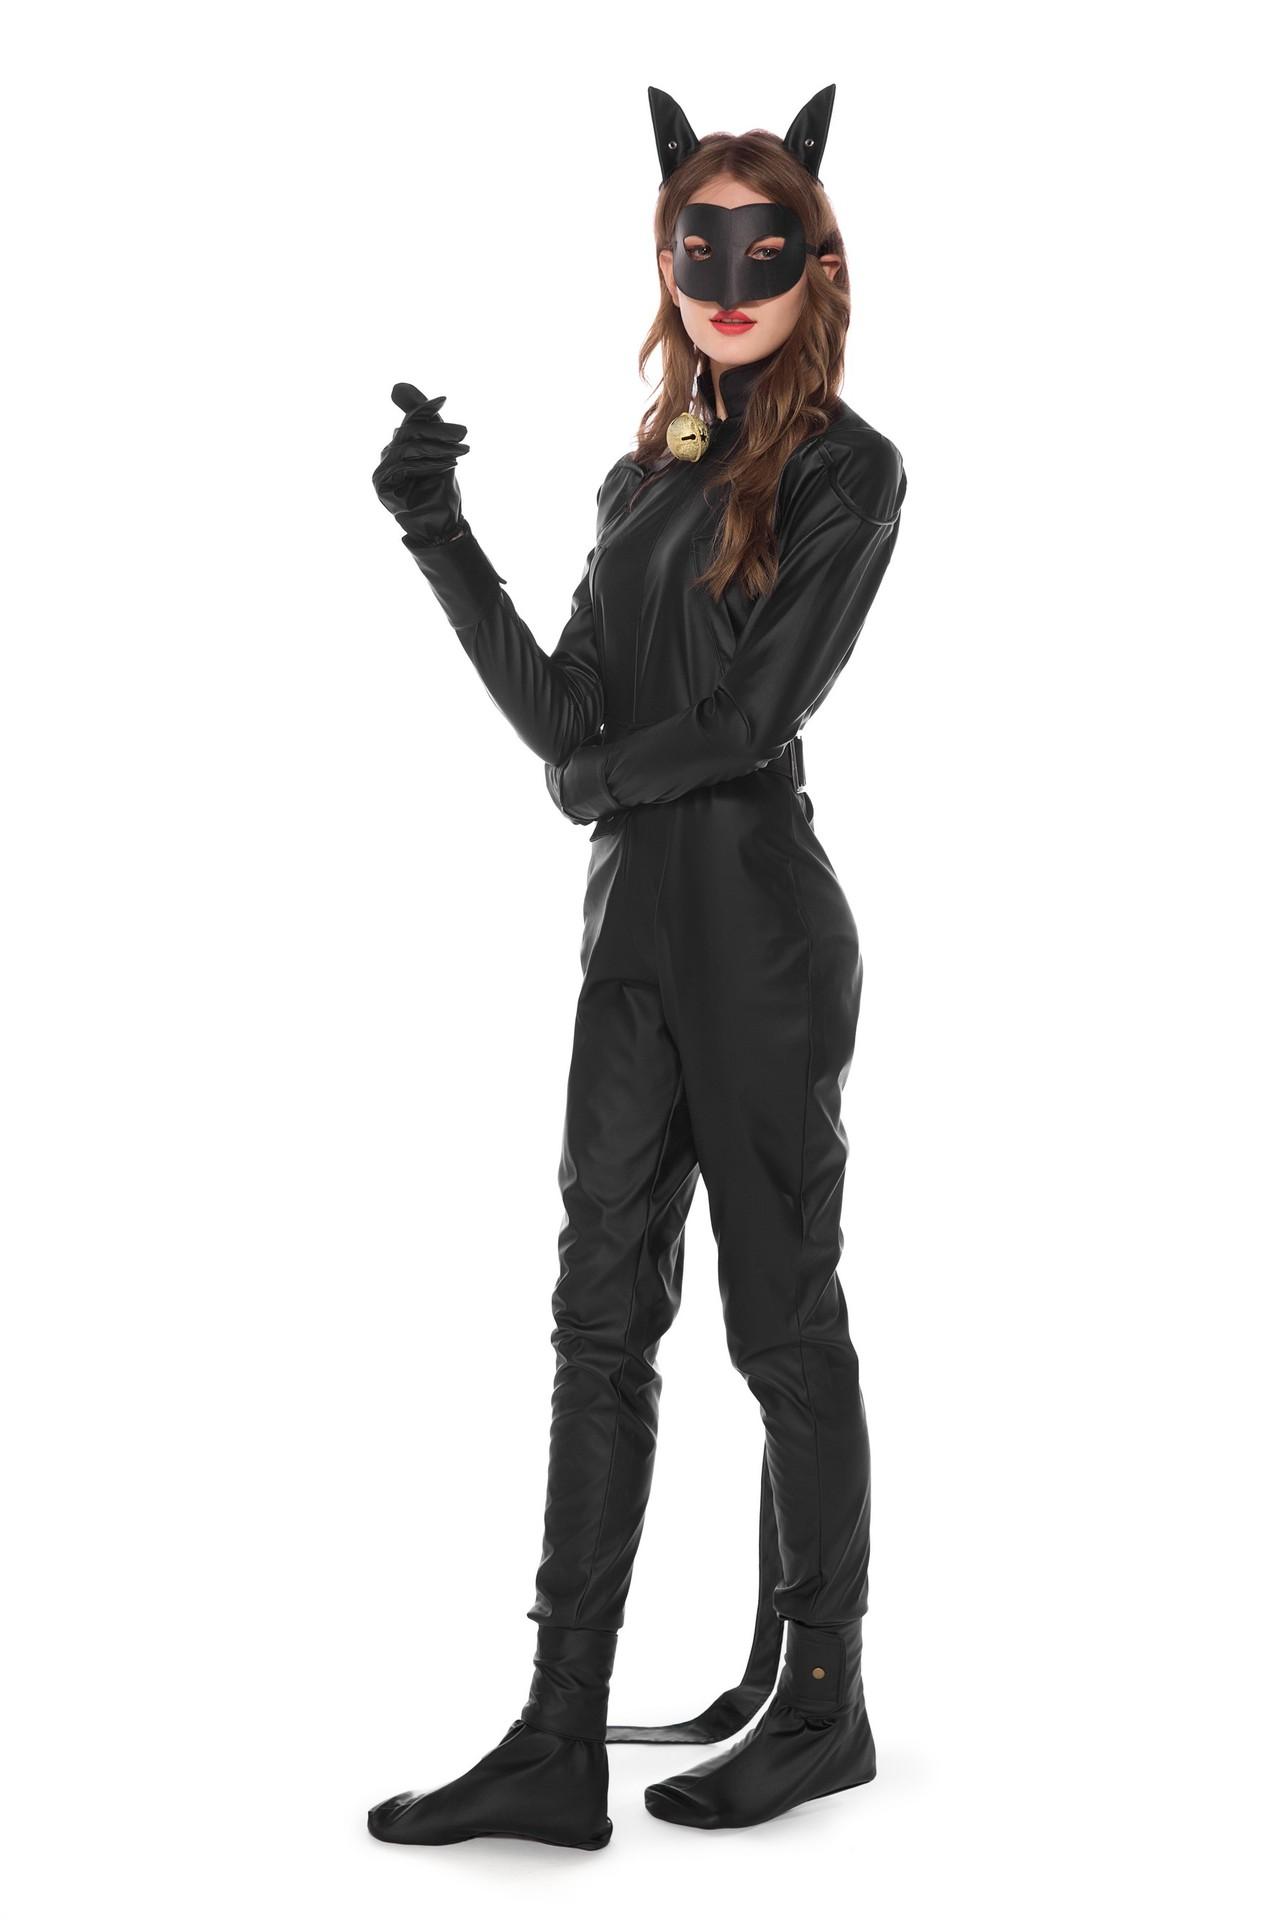 郎角色扮演cosplay猫咪装猫夜店连体装含尾巴皮款万圣节服装女